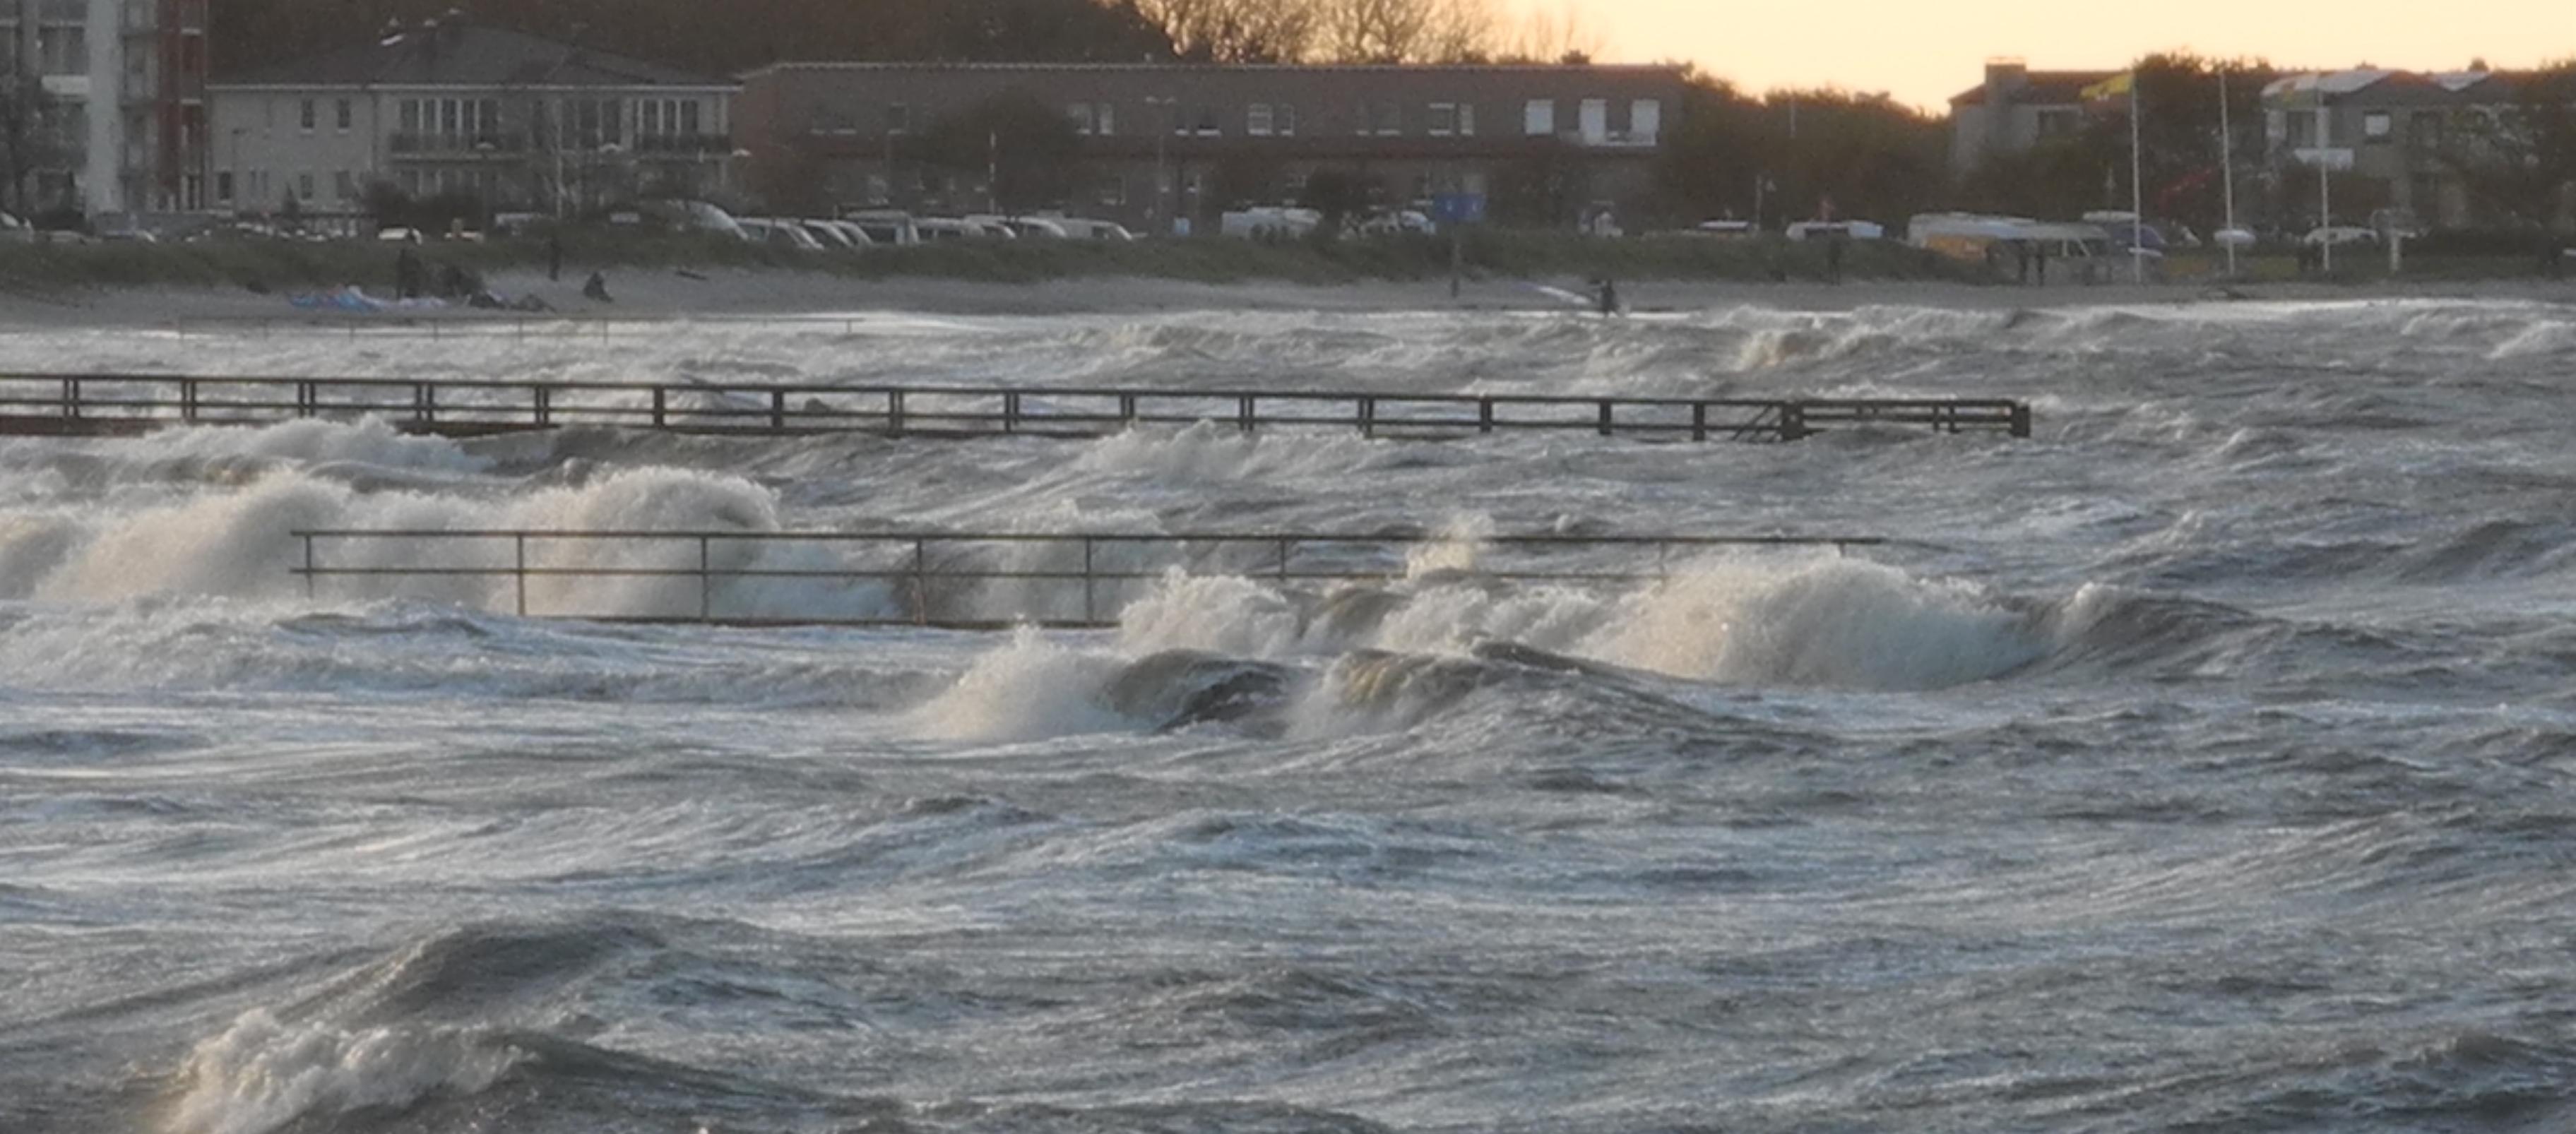 Wildwasservor dem Hauptstrand Heiligenhafens am 29.10.2017